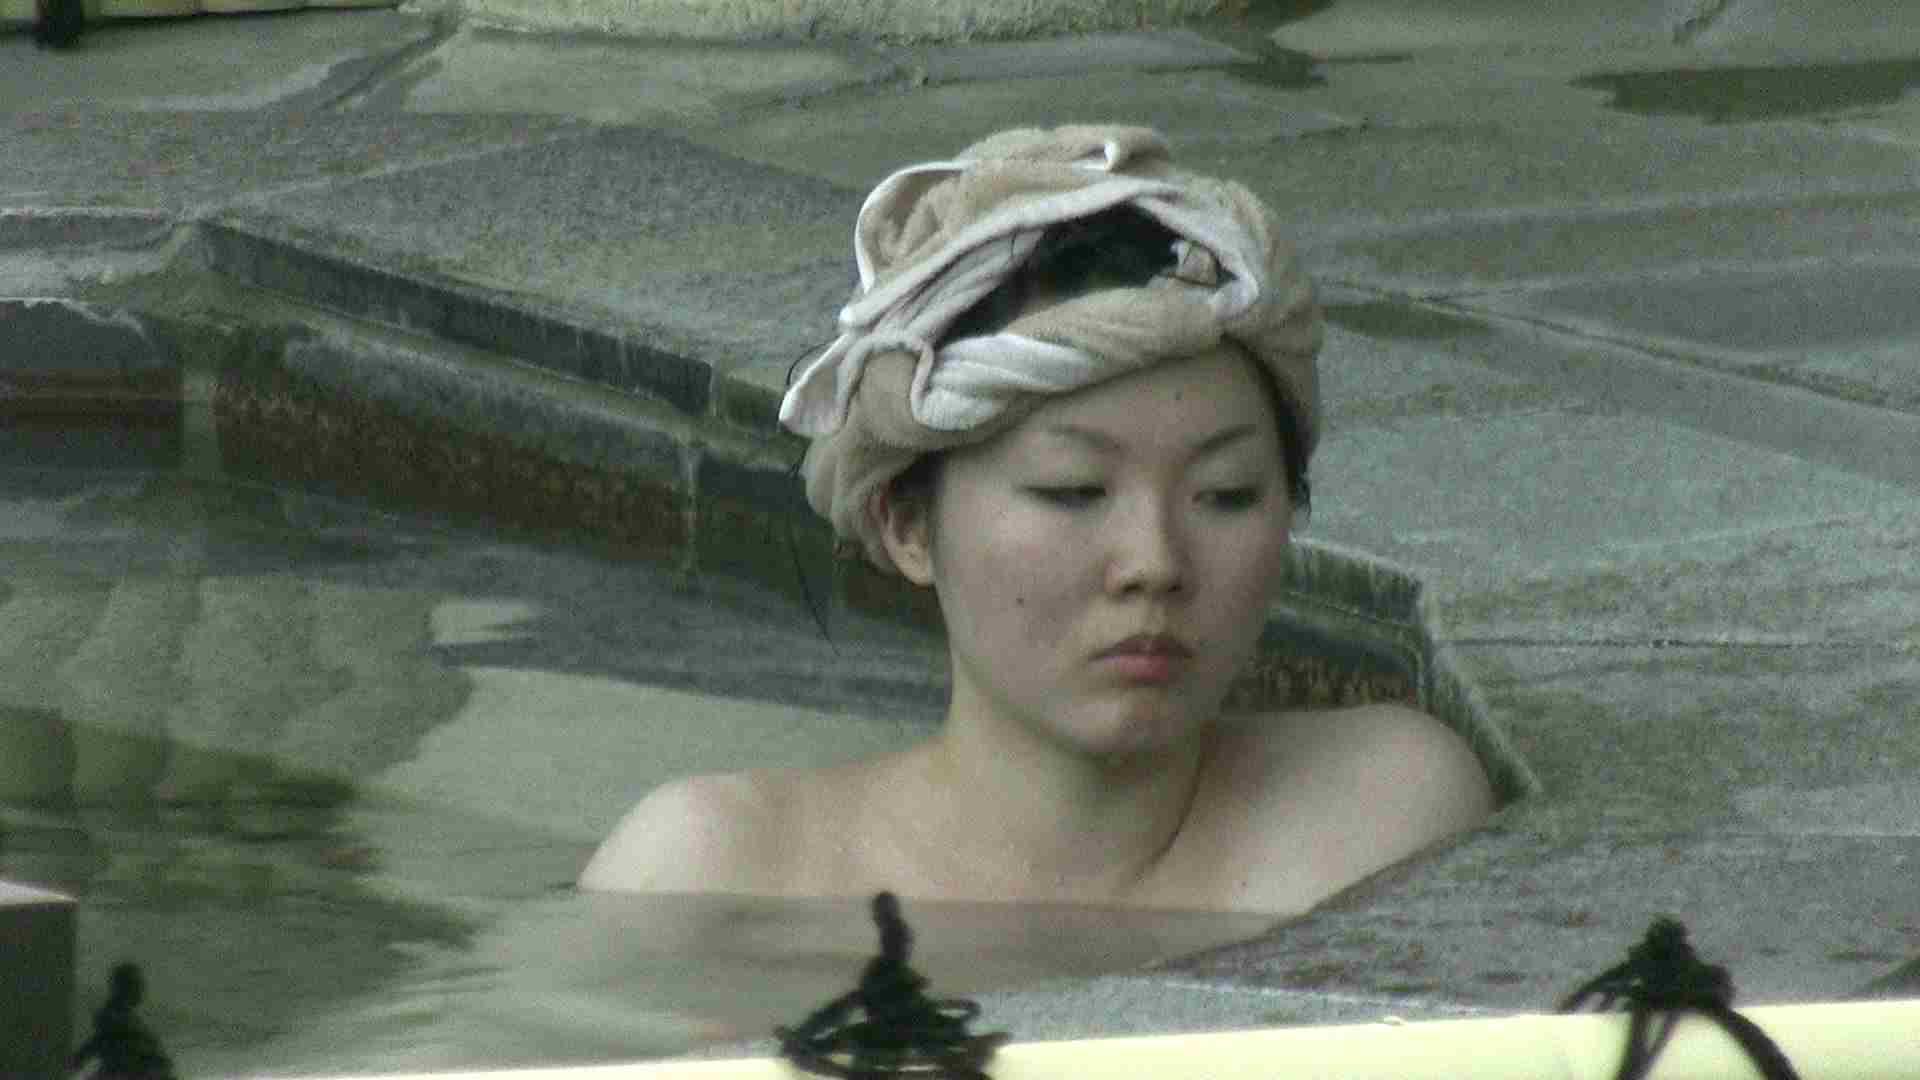 Aquaな露天風呂Vol.191 女体盗撮 のぞきおめこ無修正画像 72連発 71